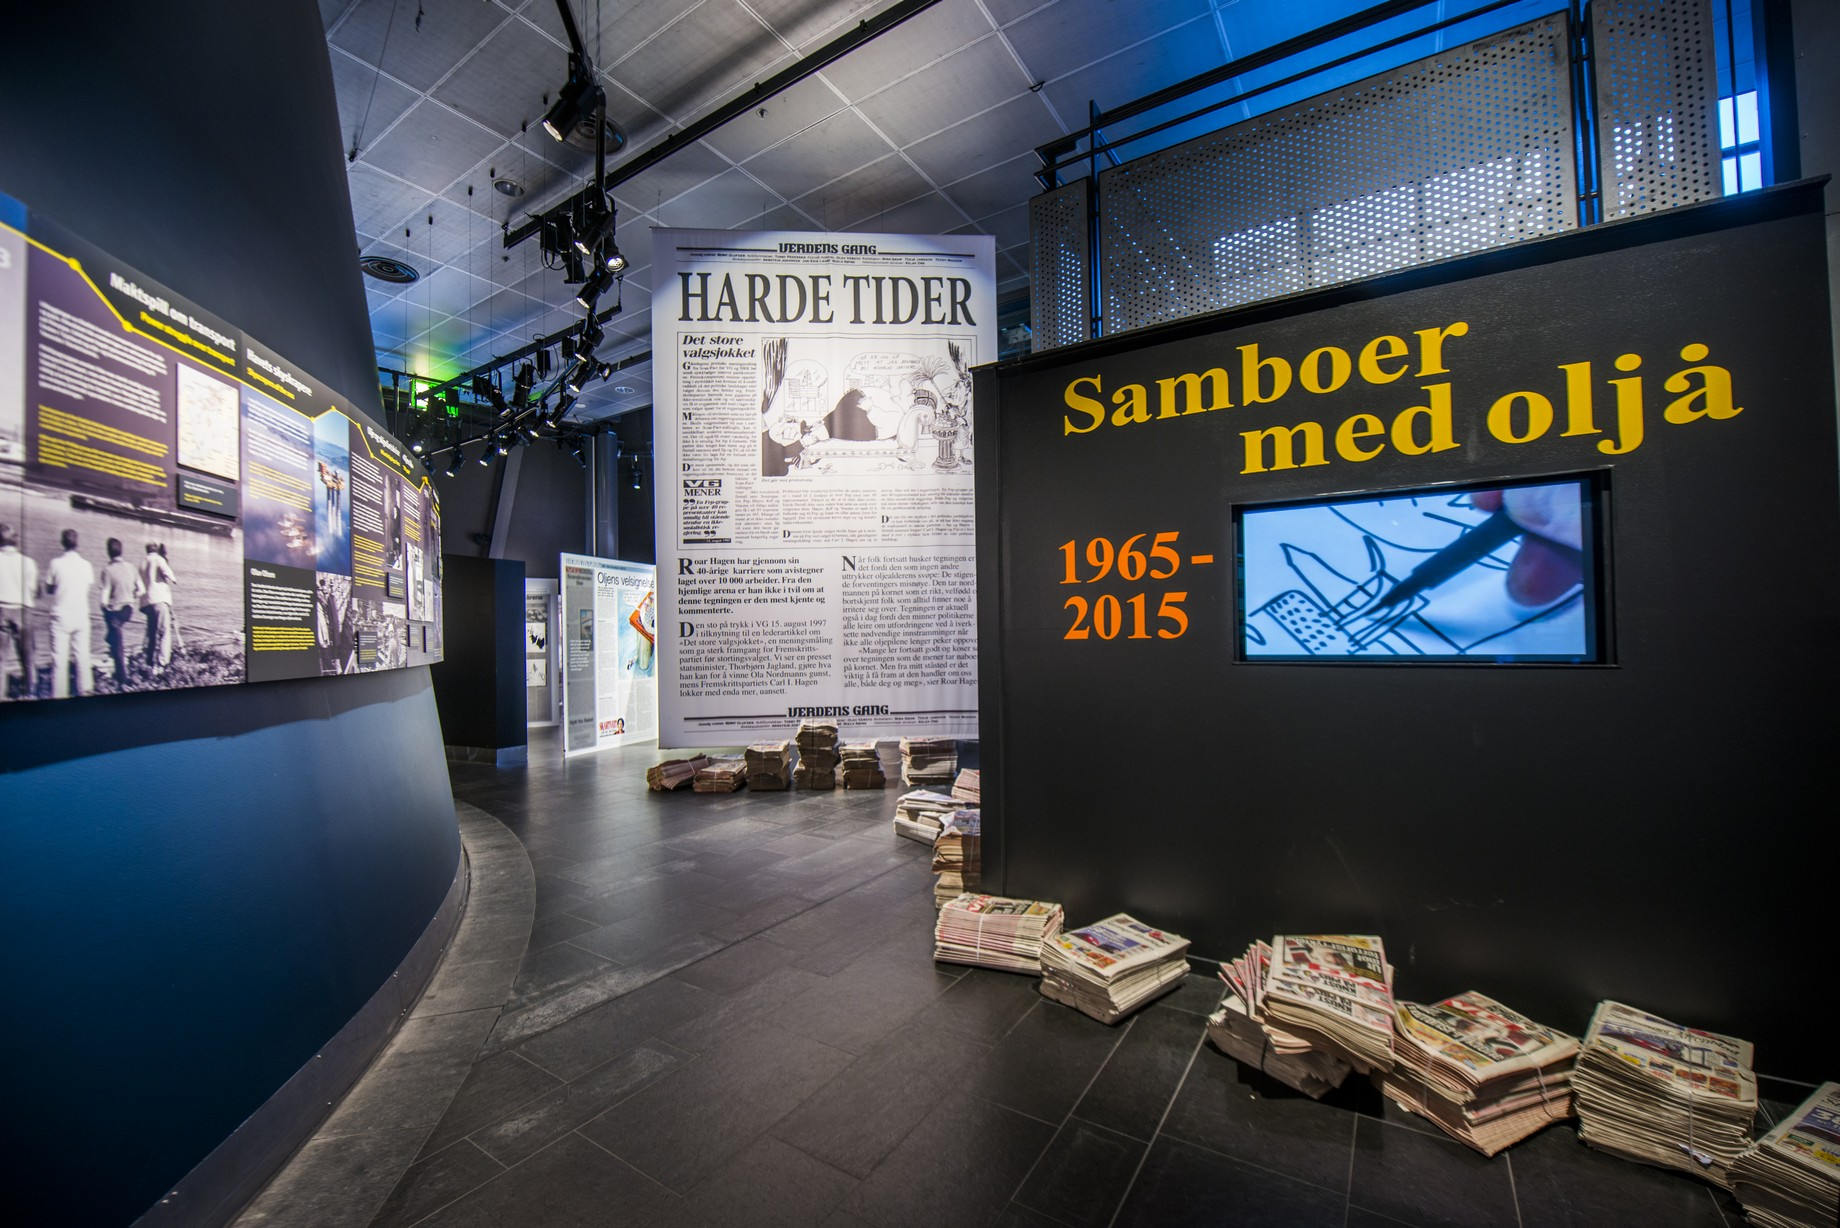 Samboer med oljå - utstilling på oljemuseet foto: Fredrik Ringe/NOM